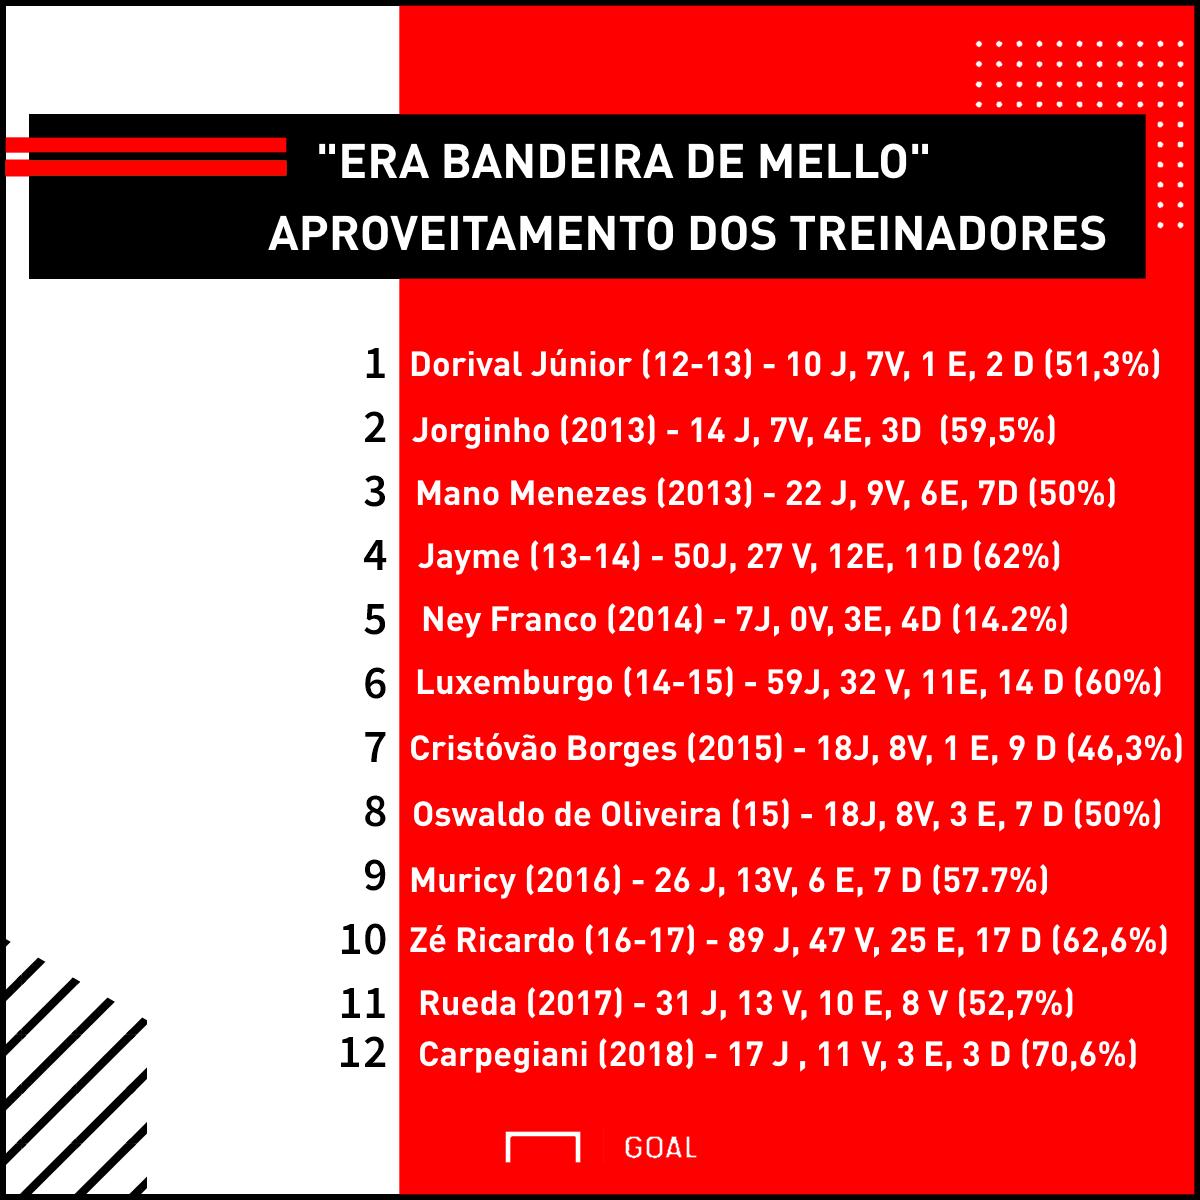 GFX Treinadores Bandeira de Mello Flamengo